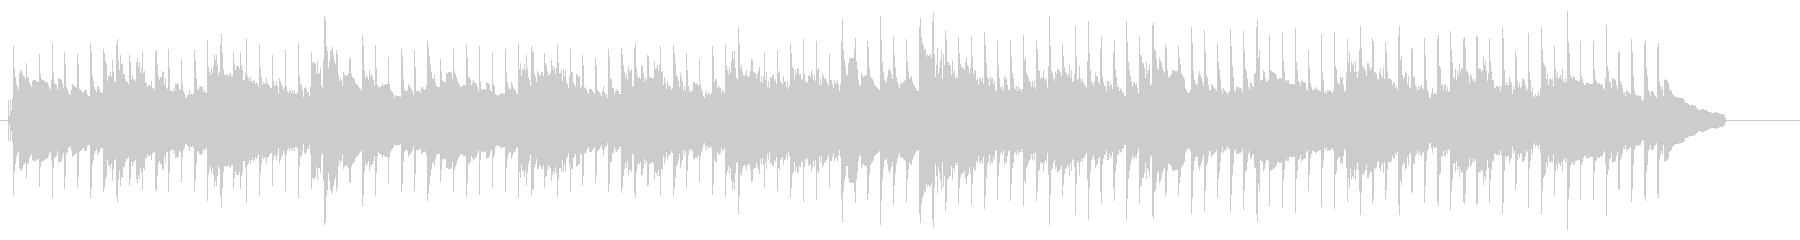 エレピと木琴の柔らかなミニマルポップの未再生の波形